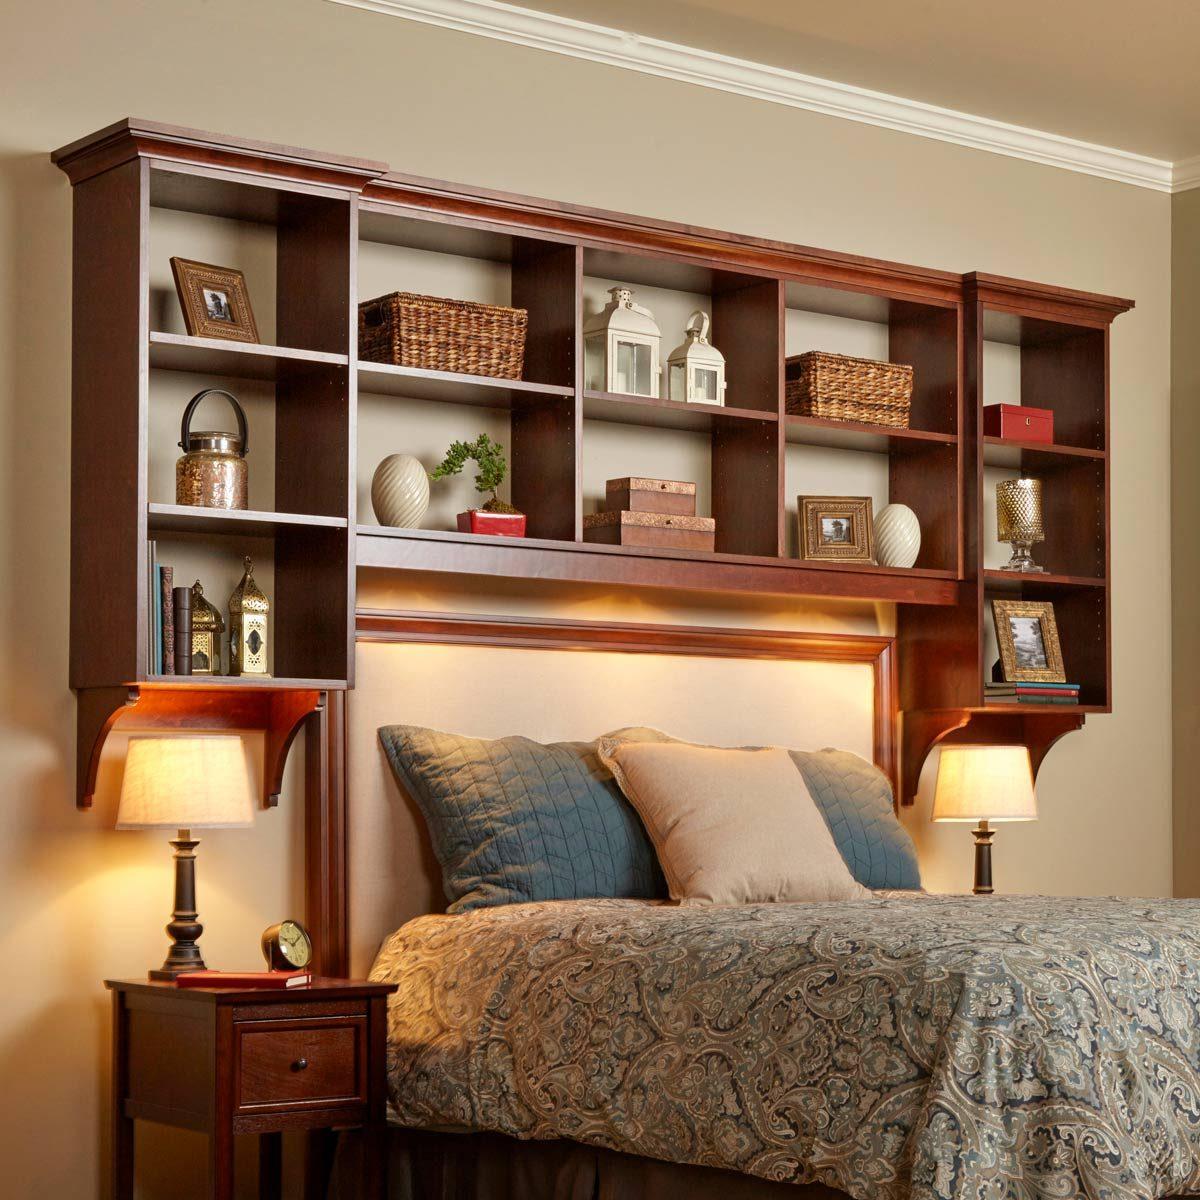 DIY Bed Built-in Shelves